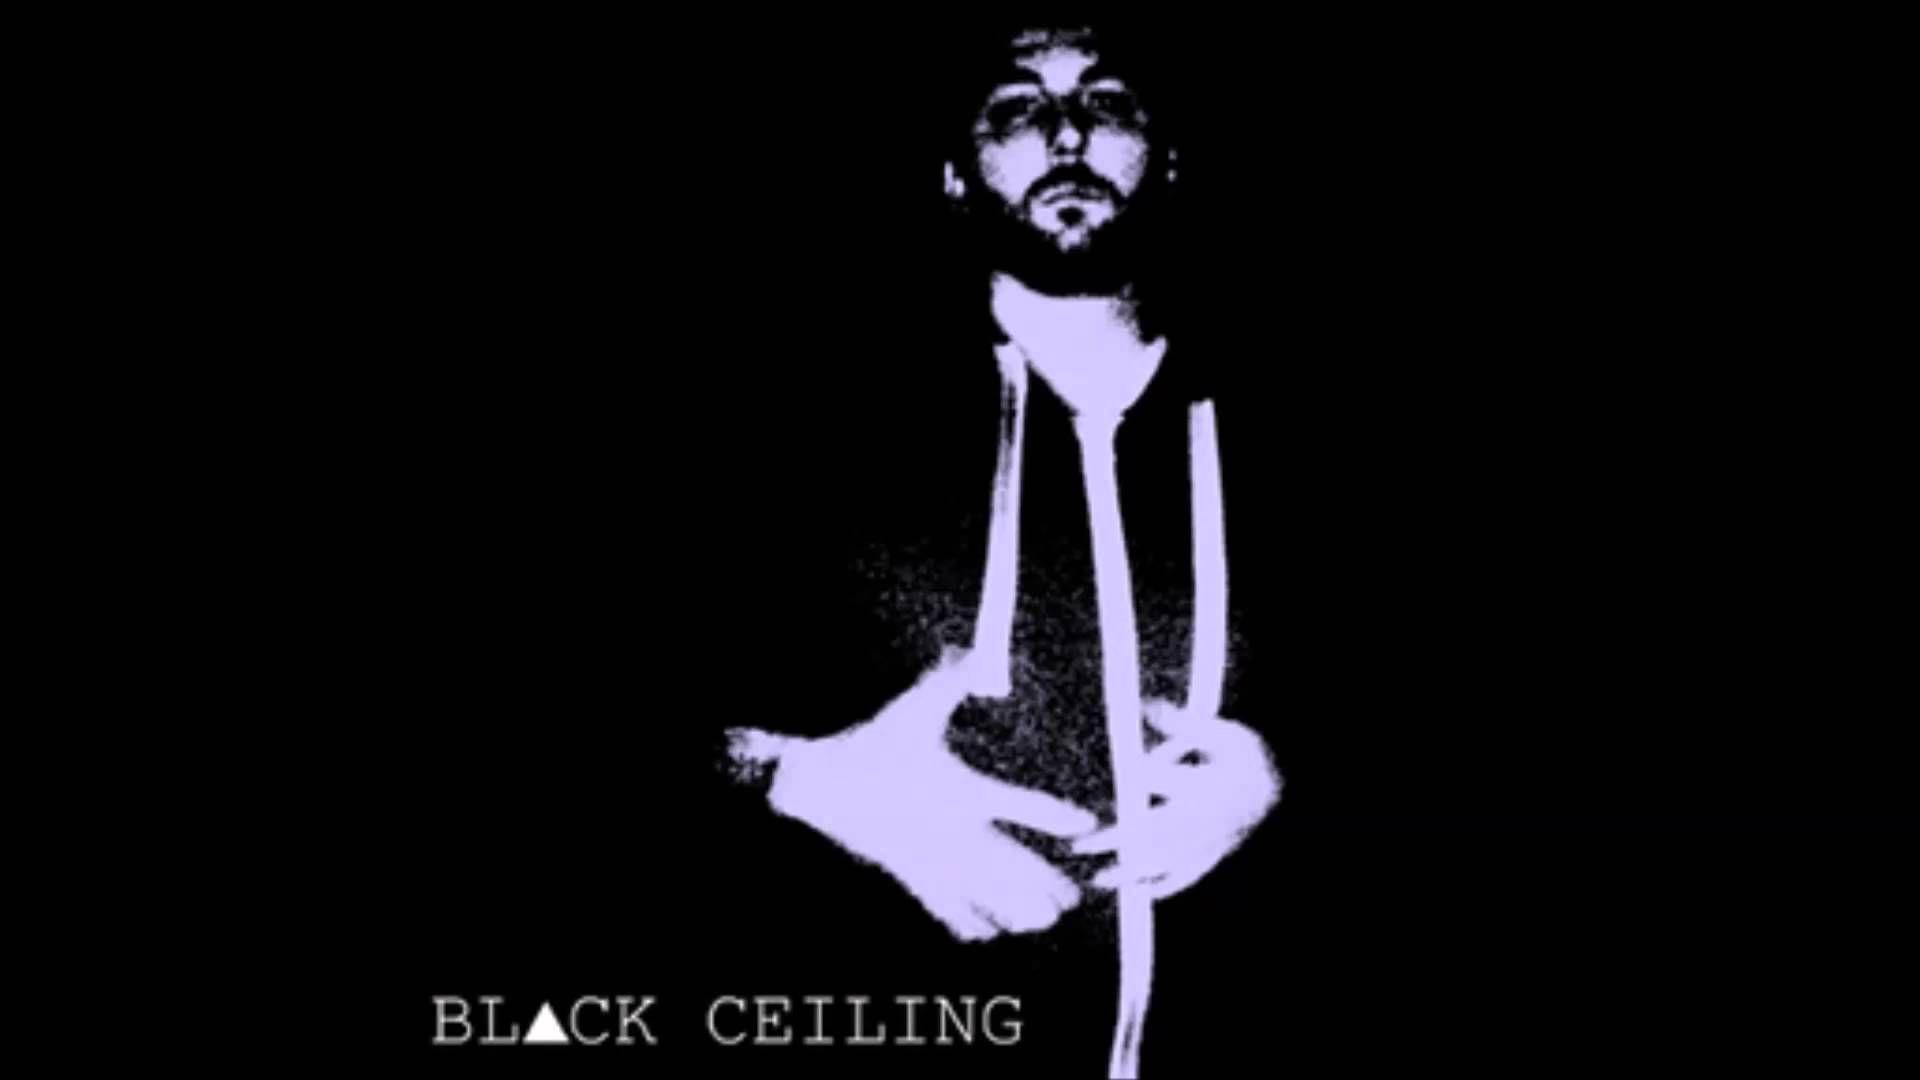 blvck ceiling set me